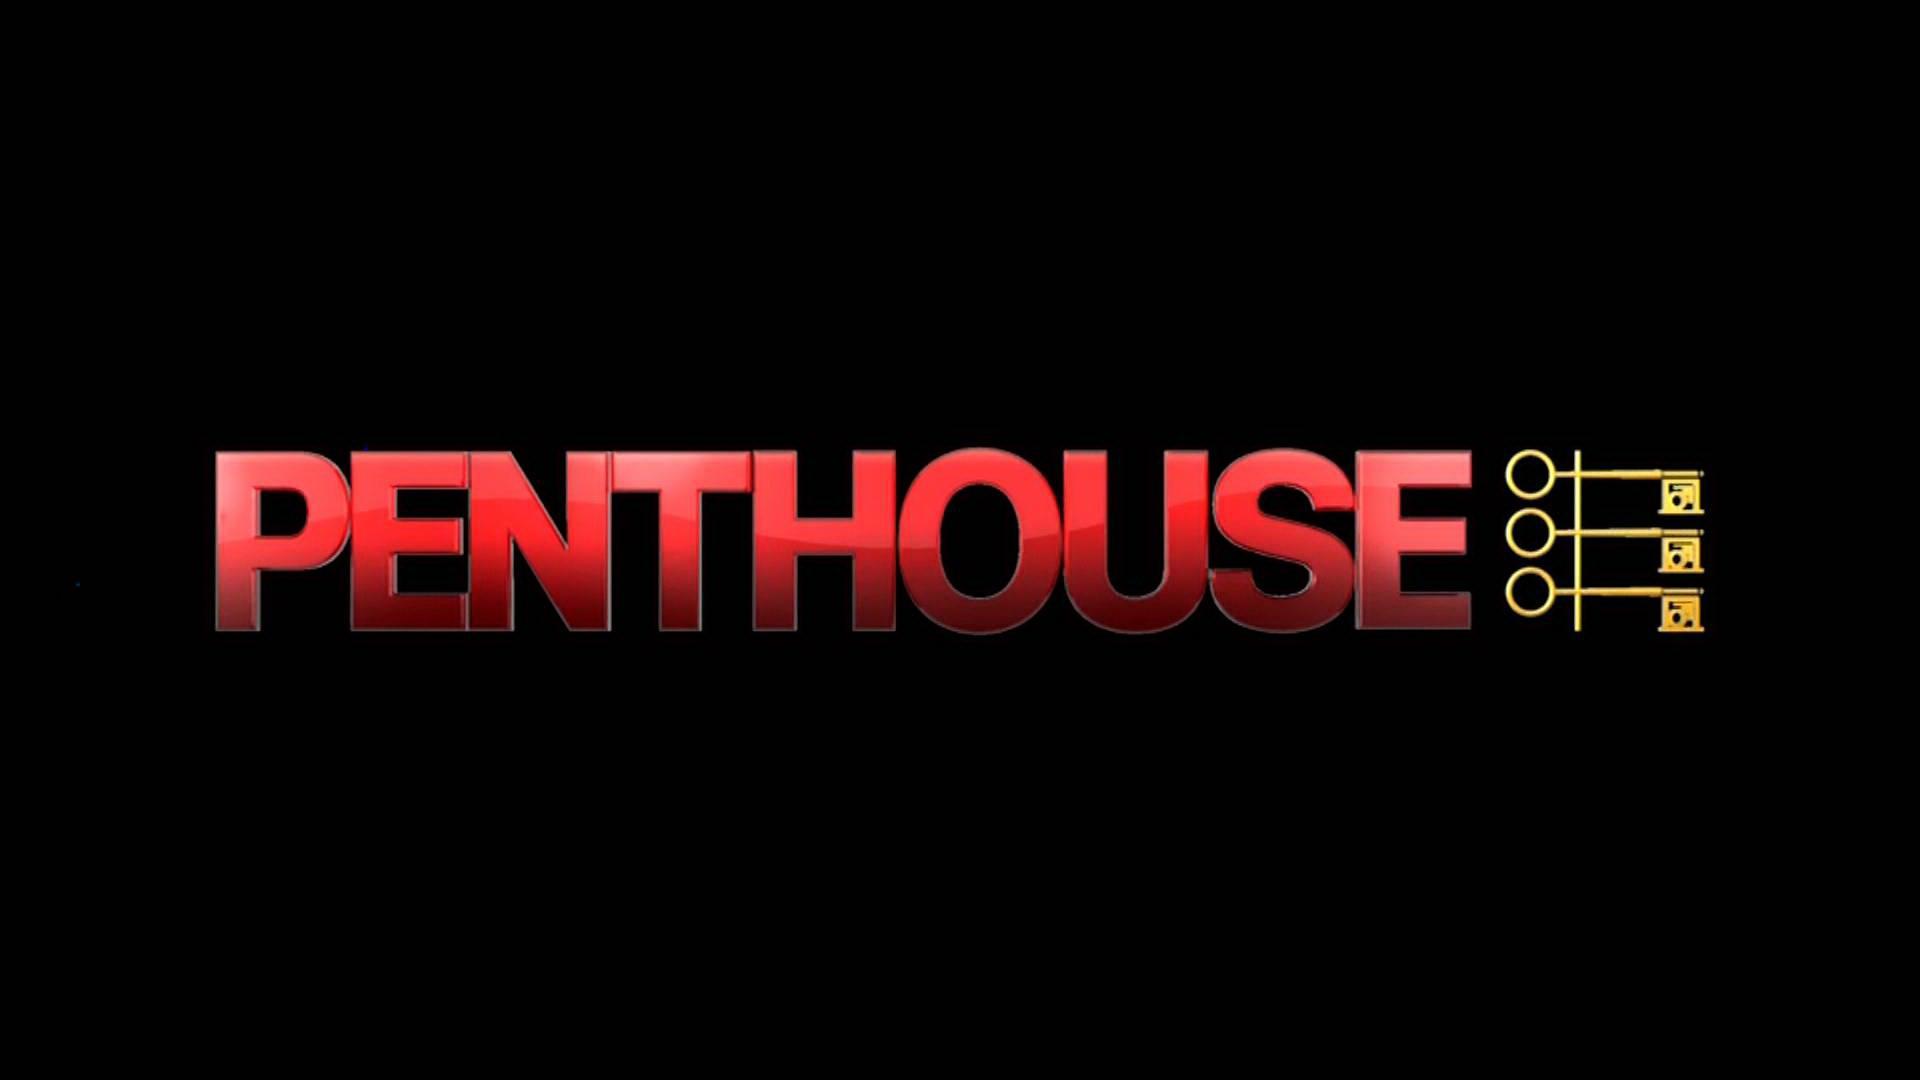 penthouses 1 viasat